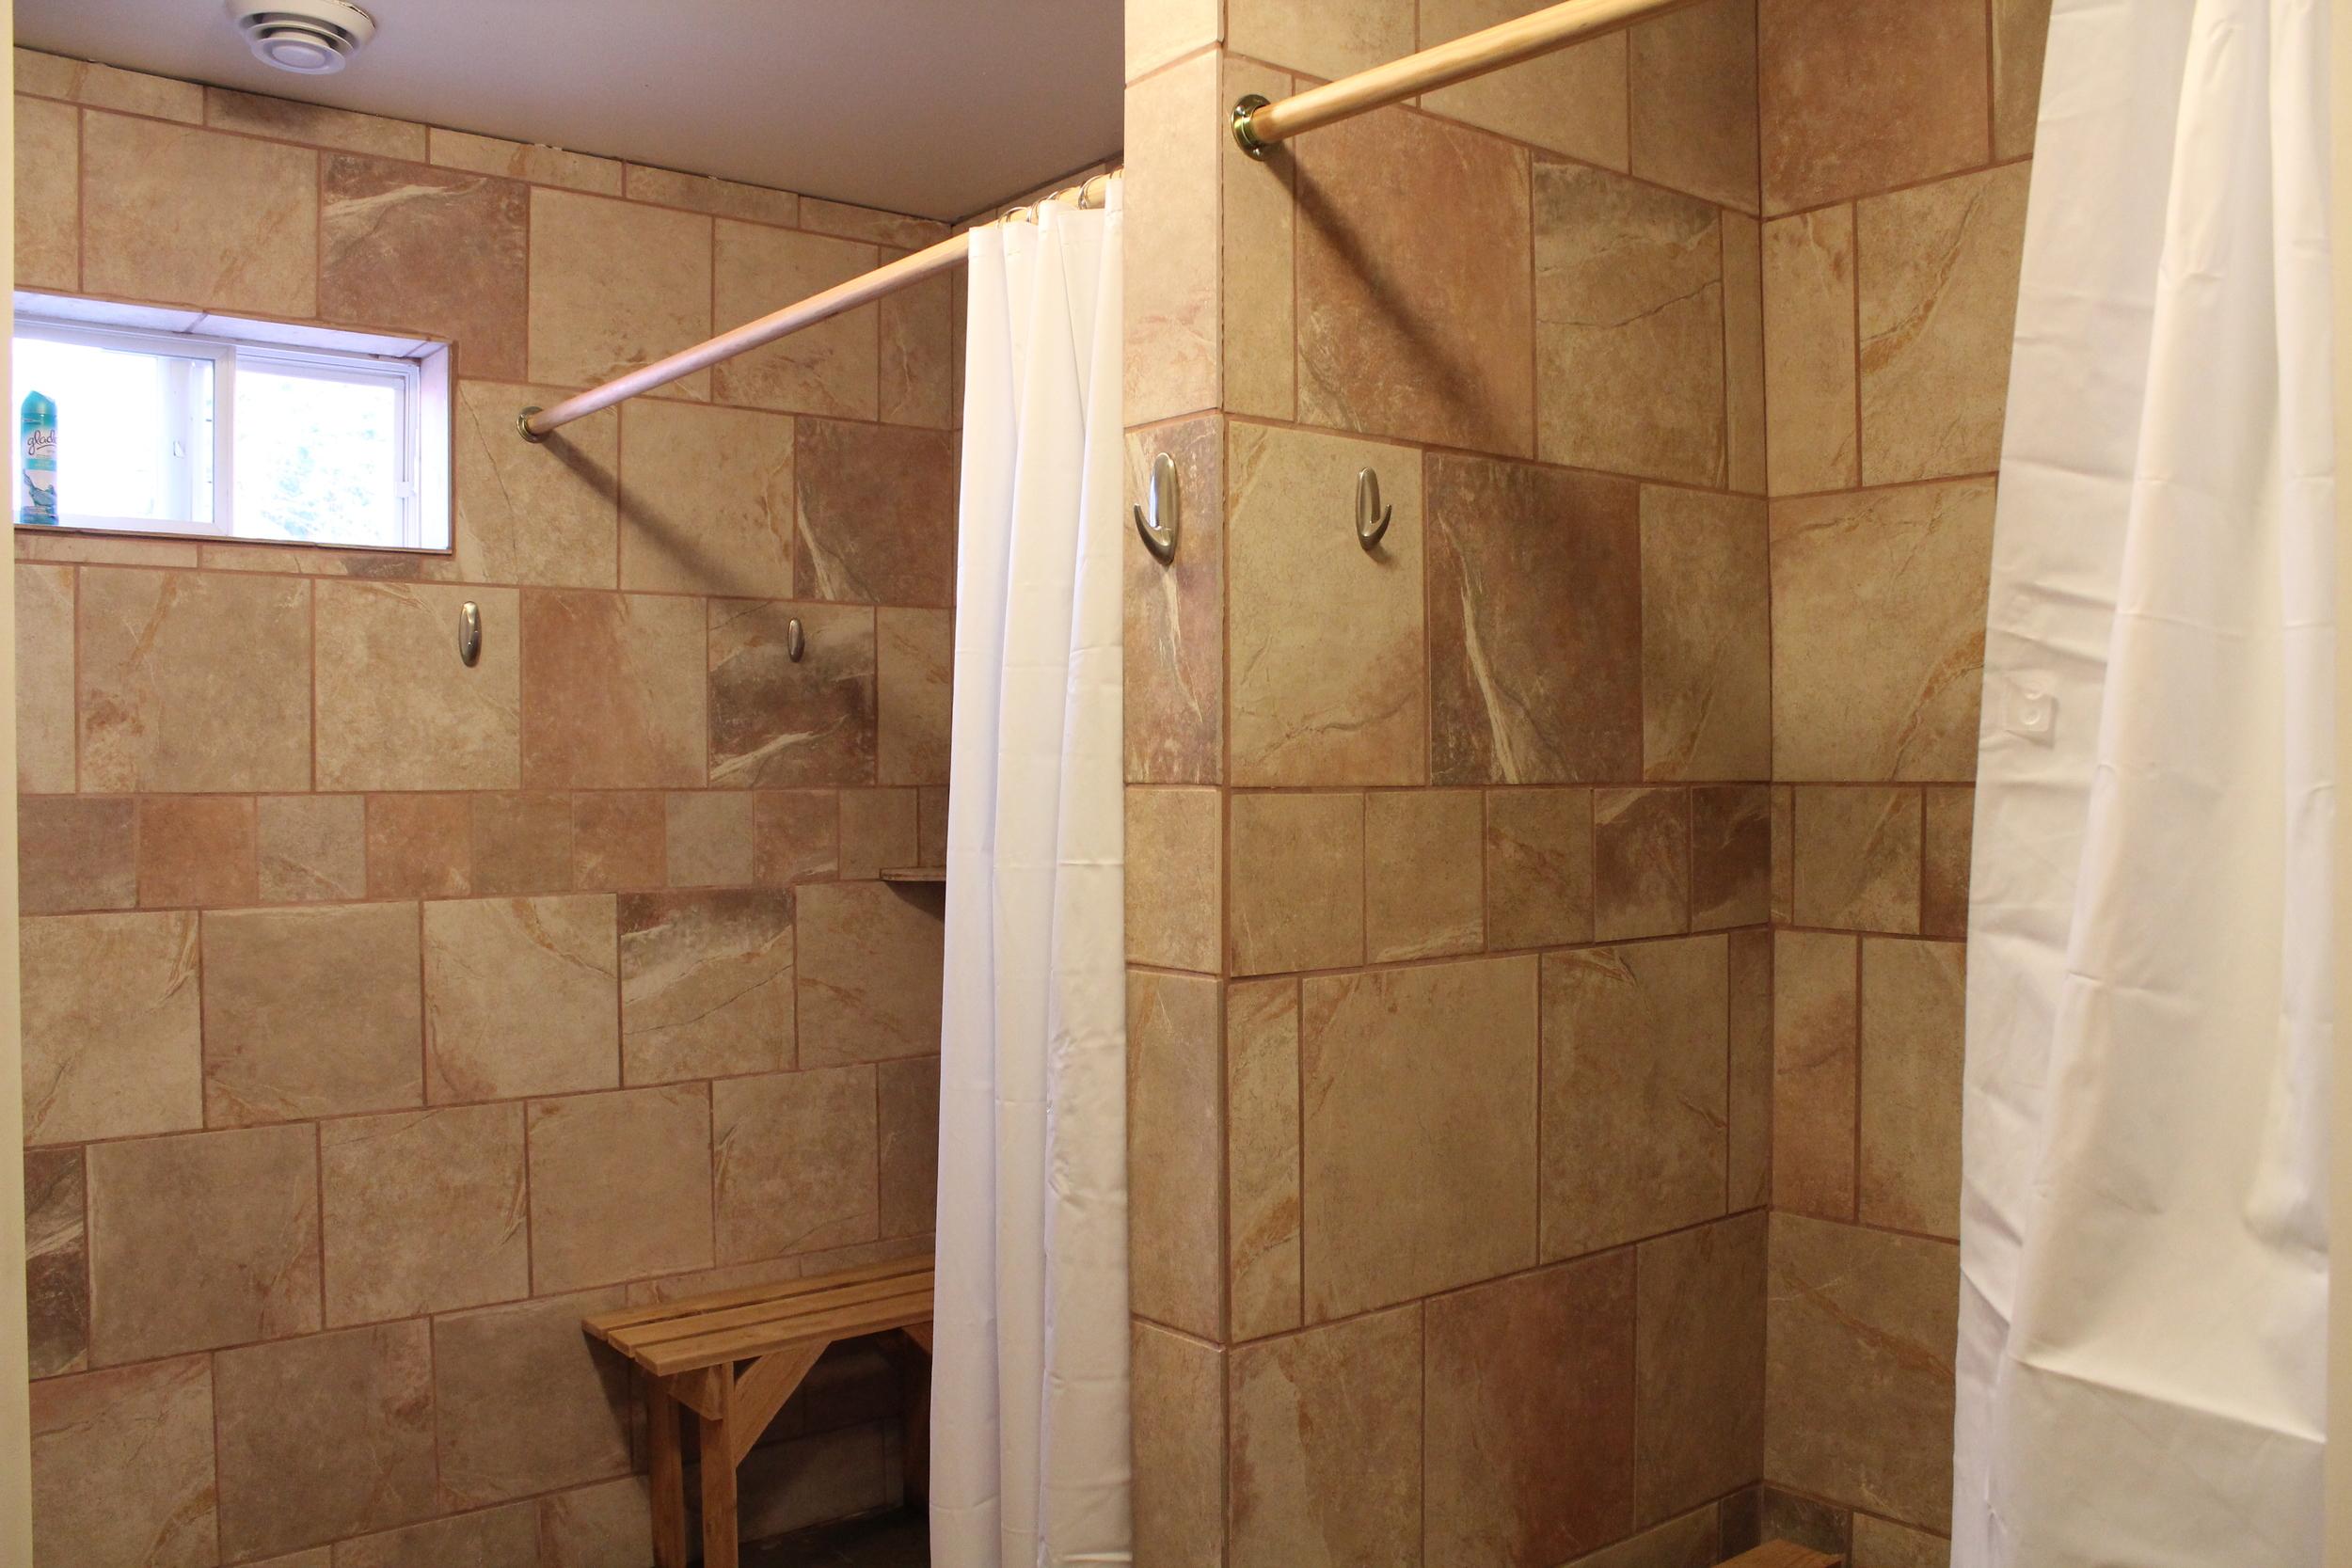 Superior dorm showers